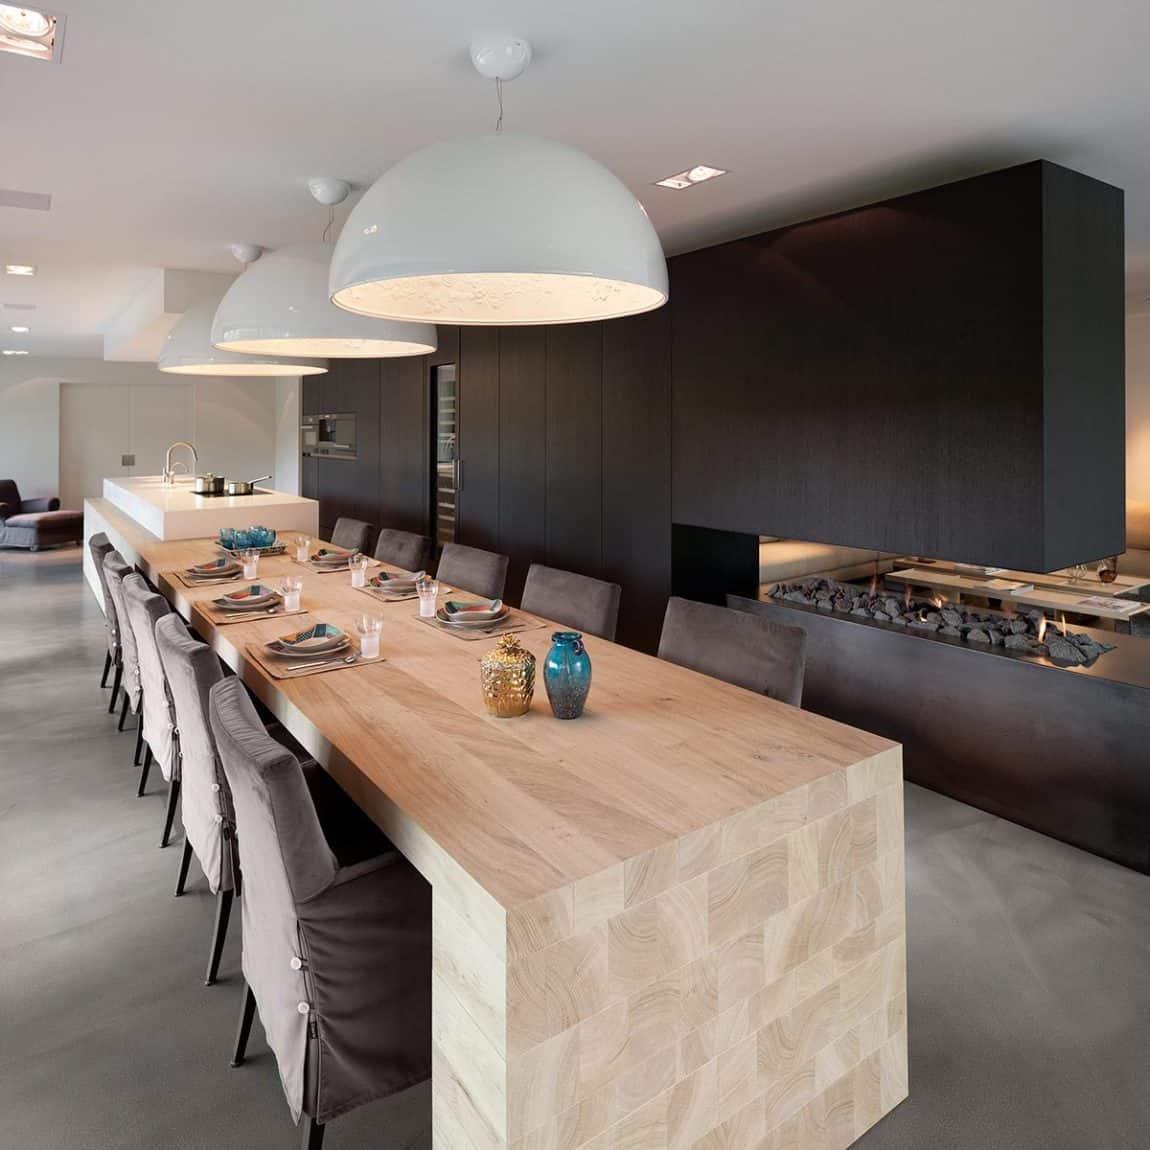 Woonhuis M by WillemsenU Architecten (27)